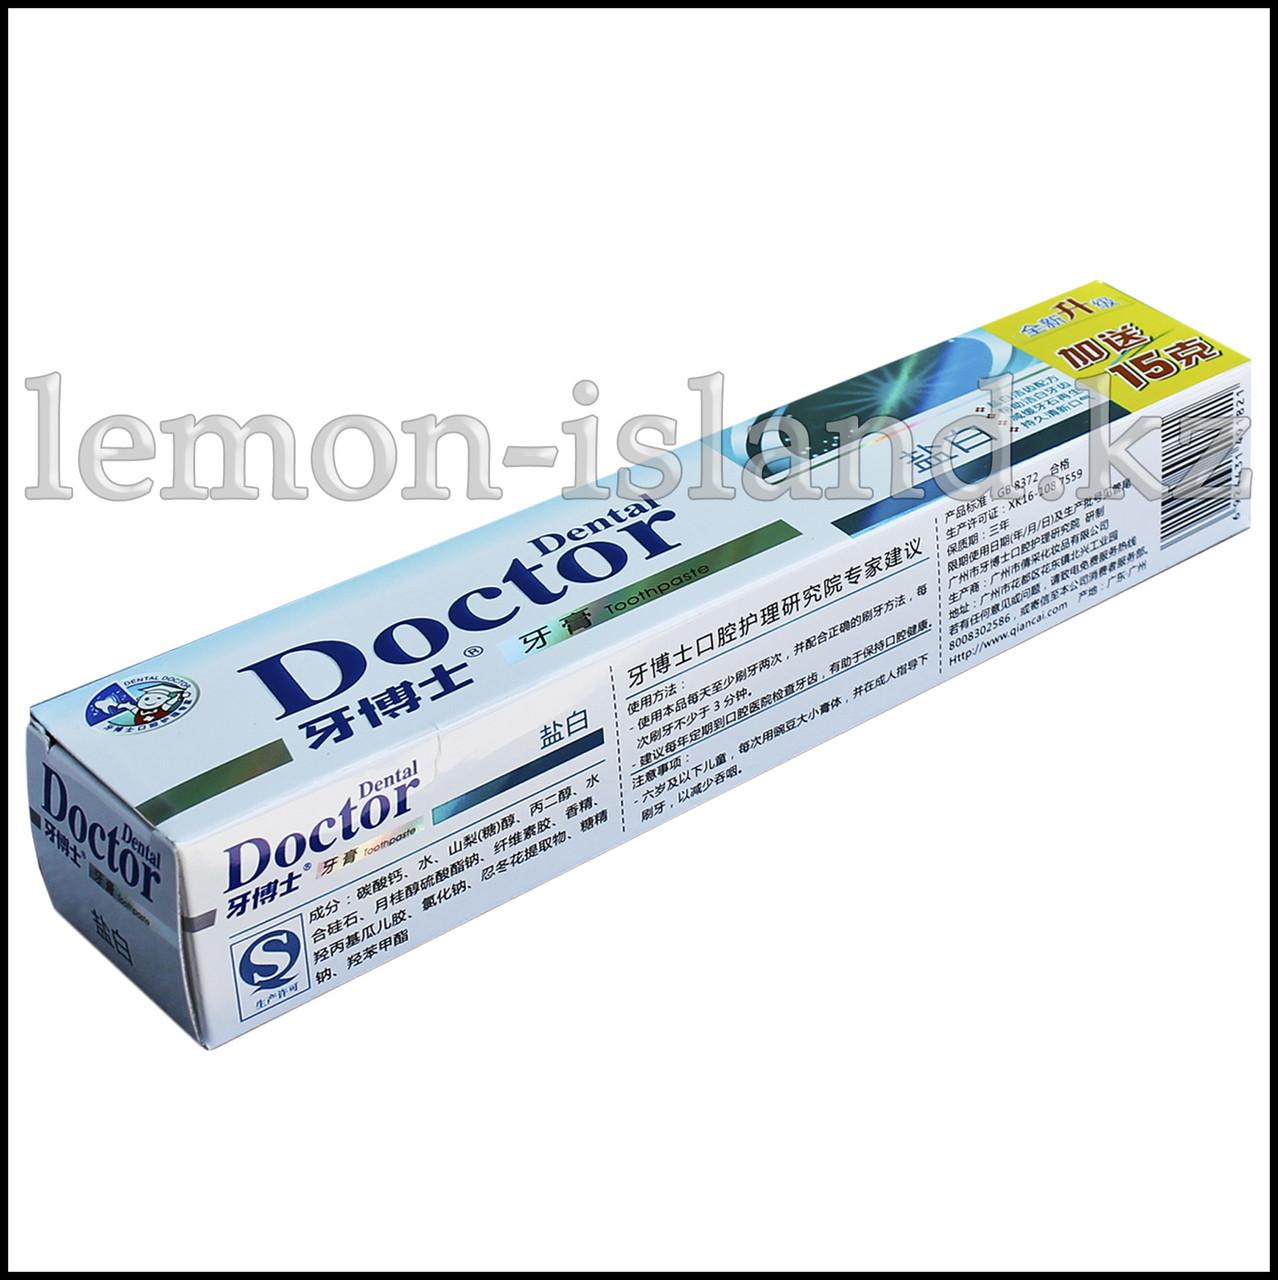 Зубная паста Dental Doctor для защиты эмали зубов, 105 г.